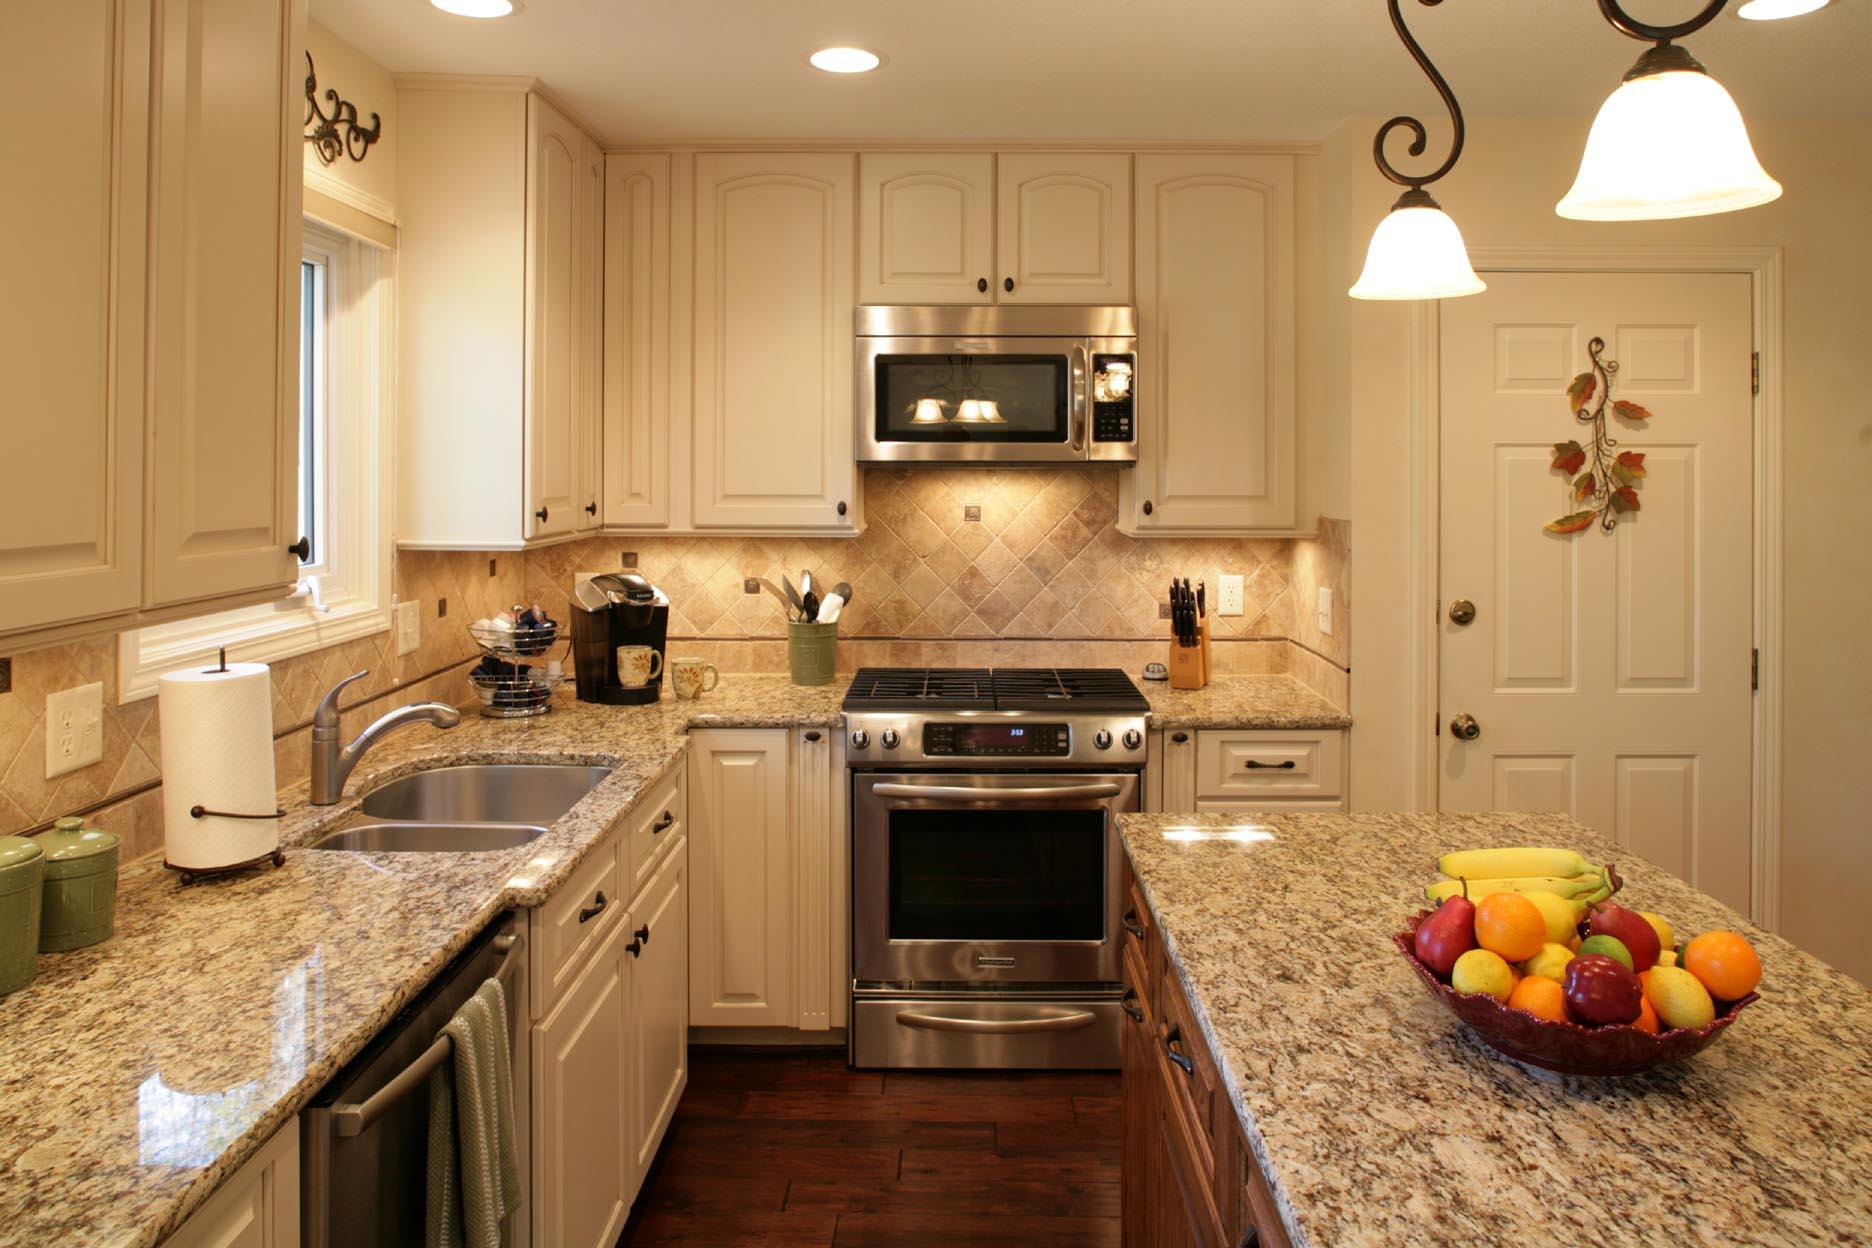 уютную атмосферу, оформление кухни картинки фото приоритетных особенностей